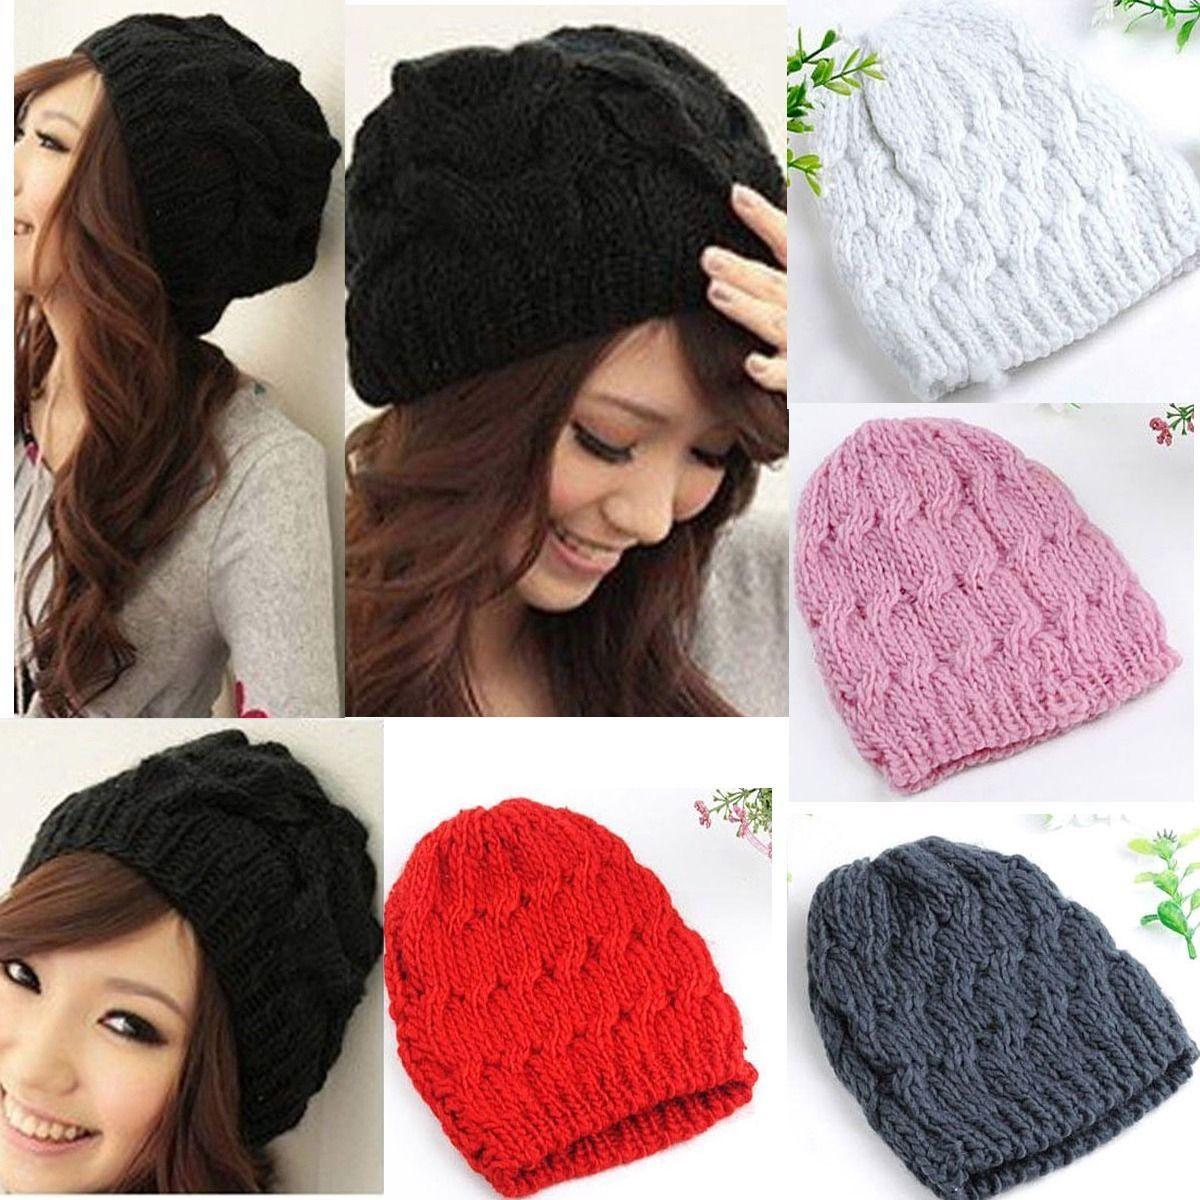 Comprar gorros de lana baratos en Ebay